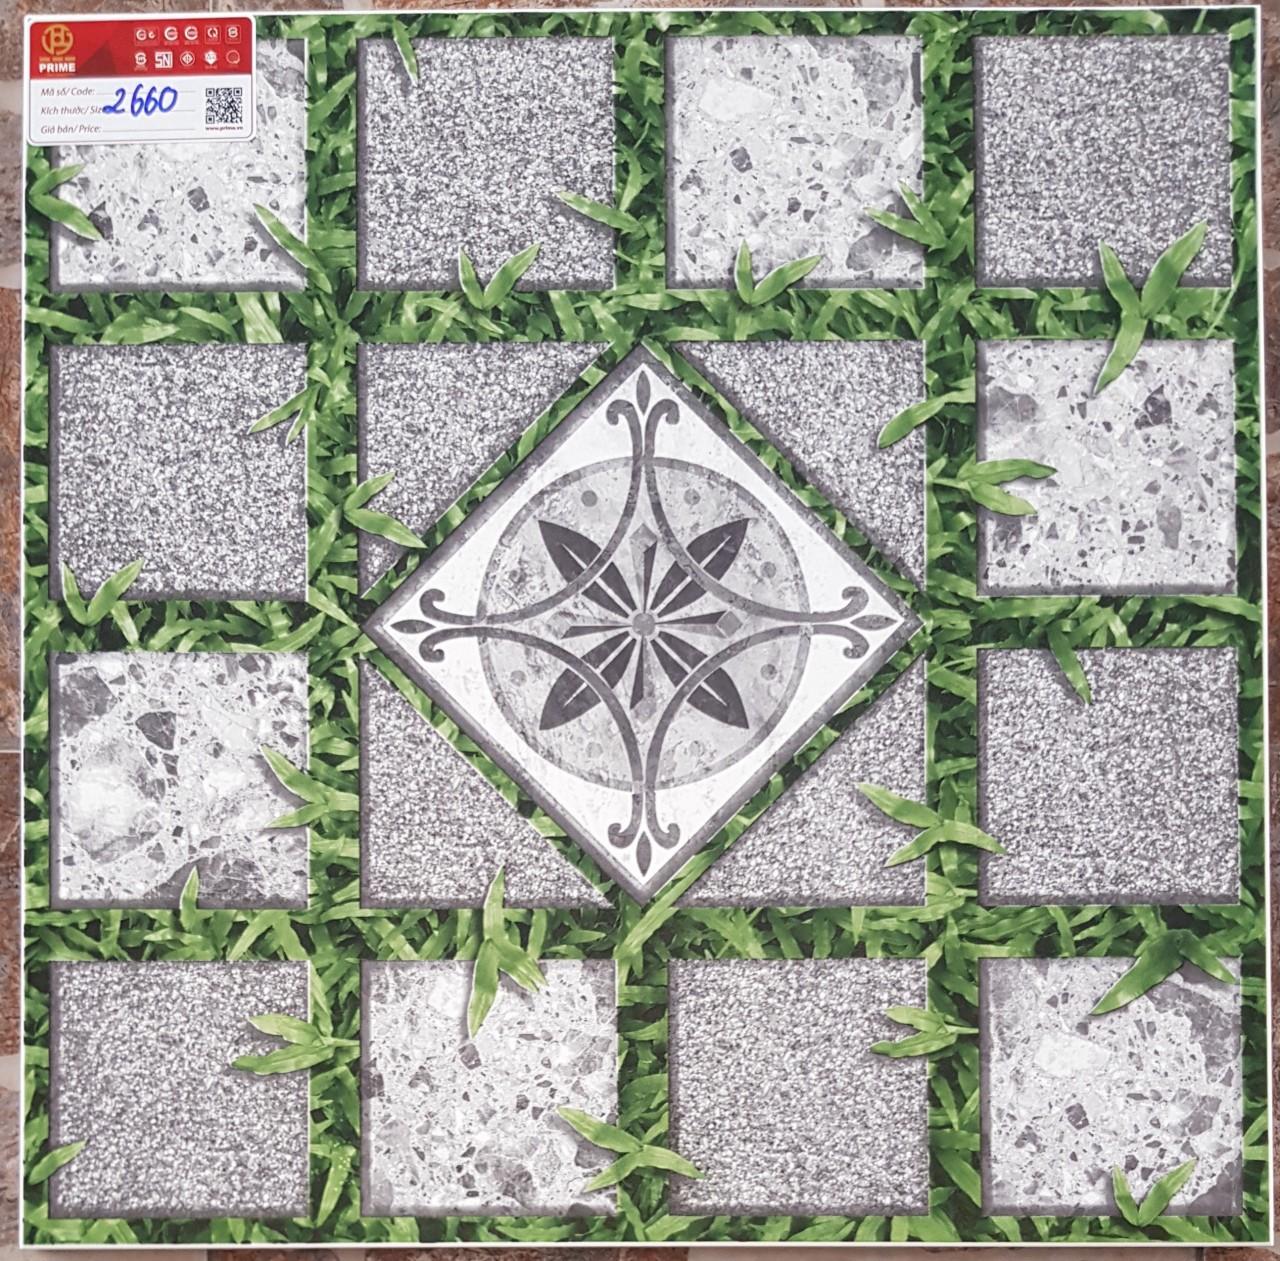 Gạch lát sân vườn 50x50 Prime mã 2660 loại A1